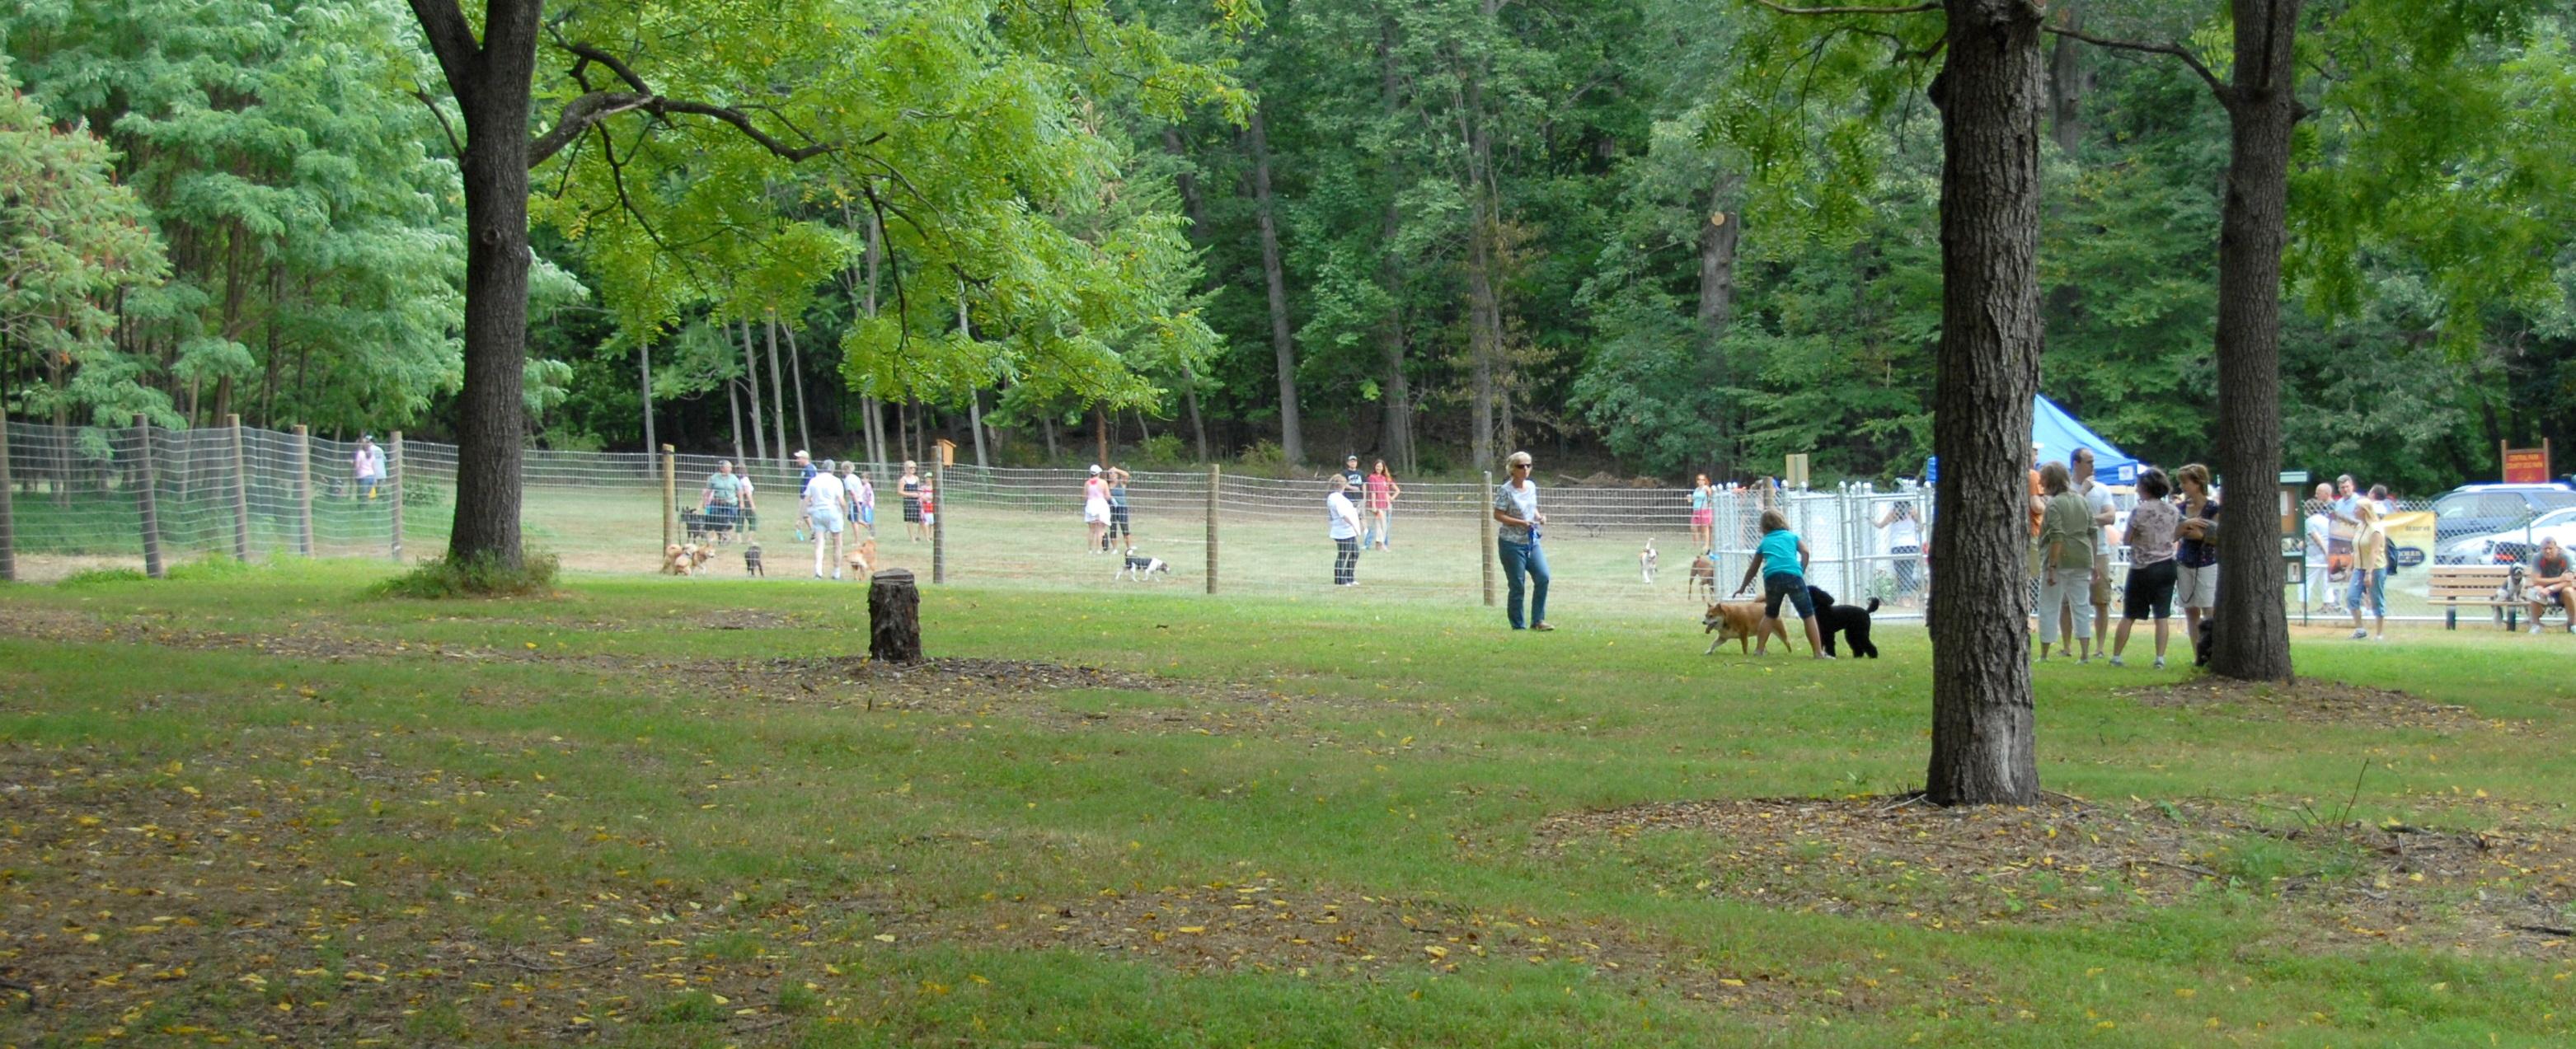 Morristown Nj Dog Parks